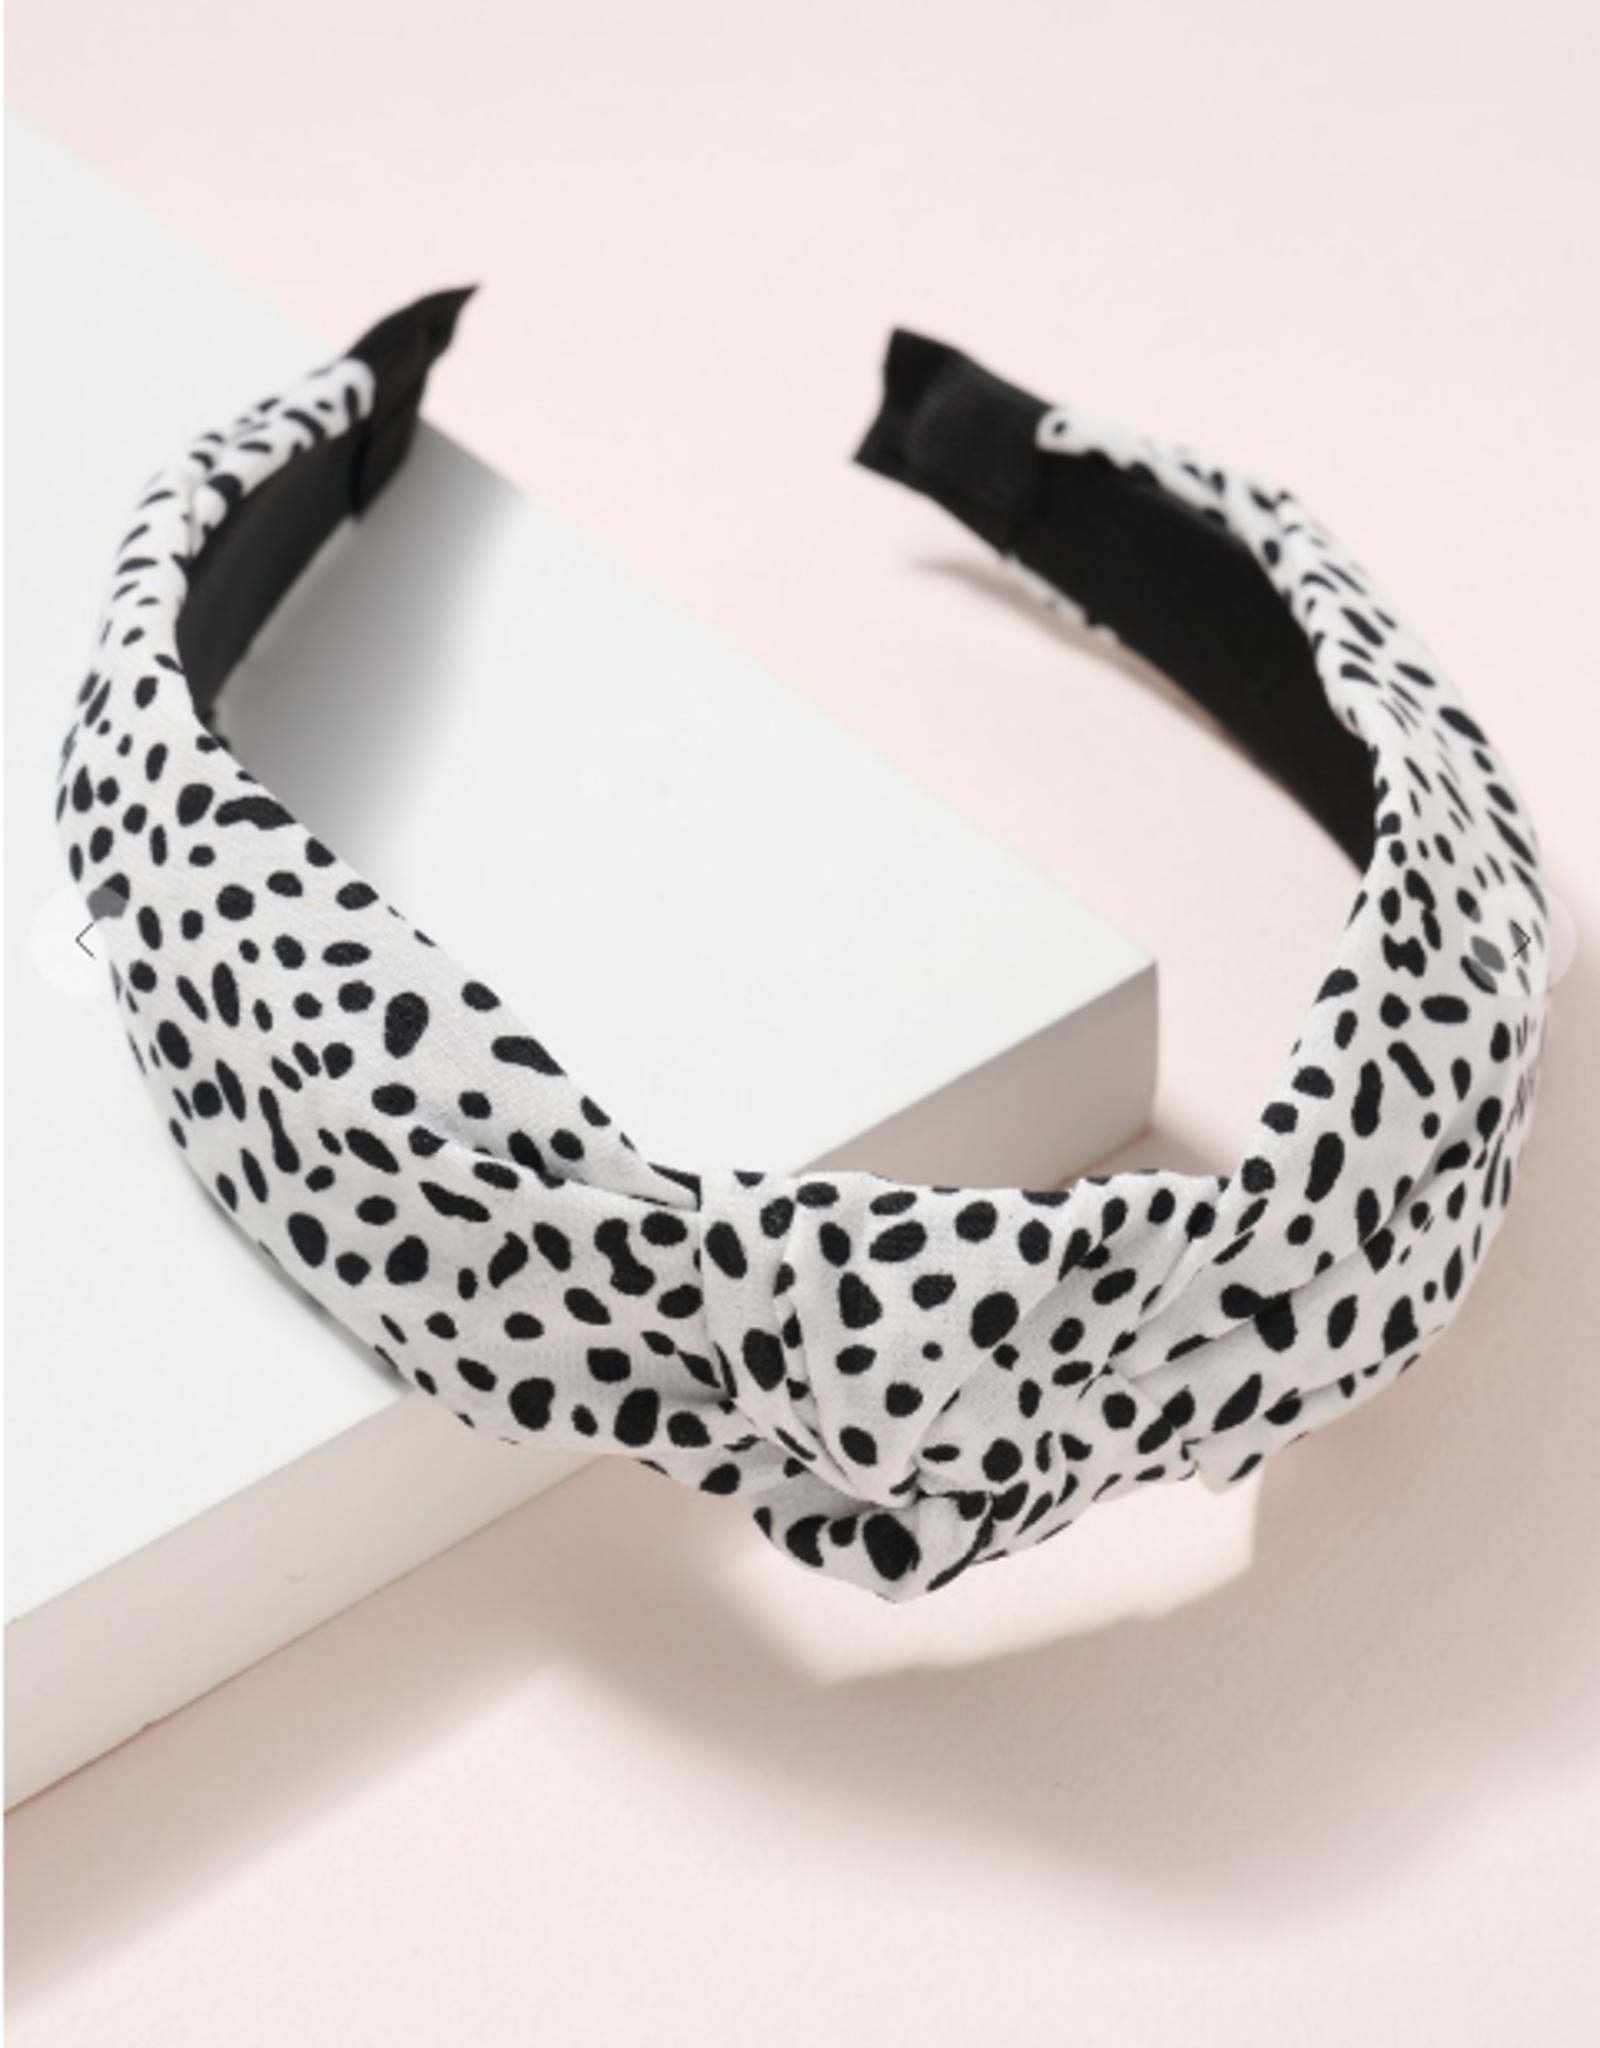 Wink Cheetah Print Knot Headband